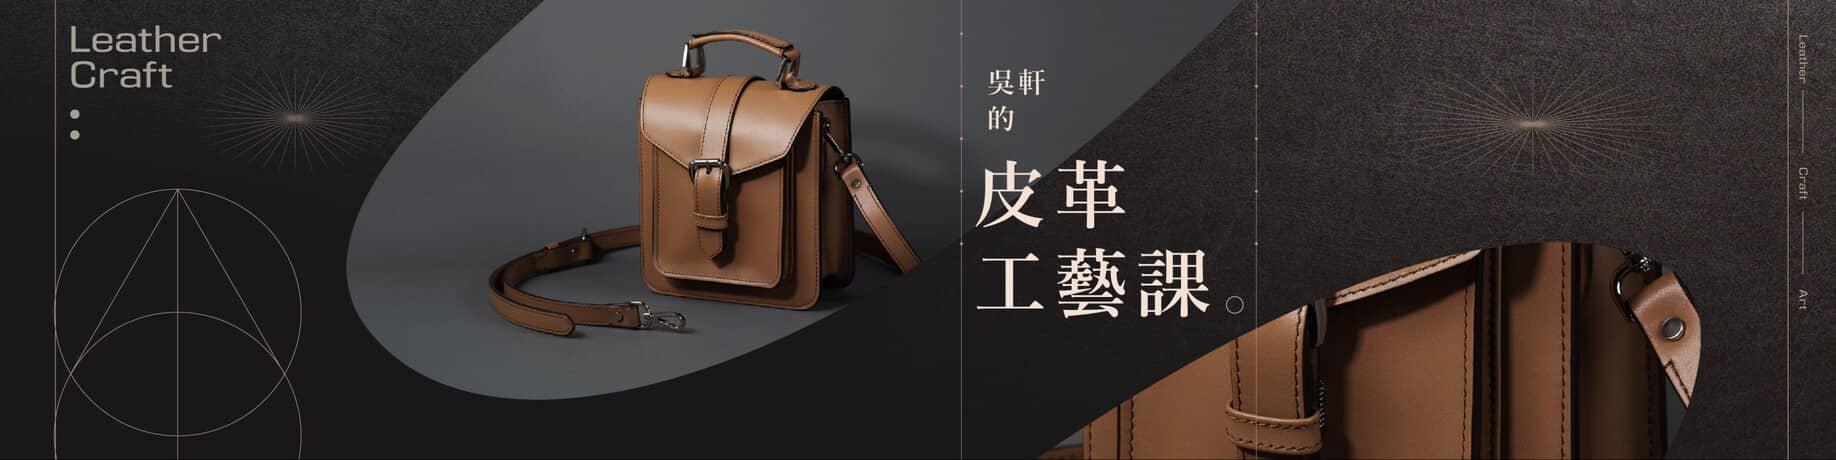 吳軒的皮革工藝課   零基礎也能打造高質感皮包